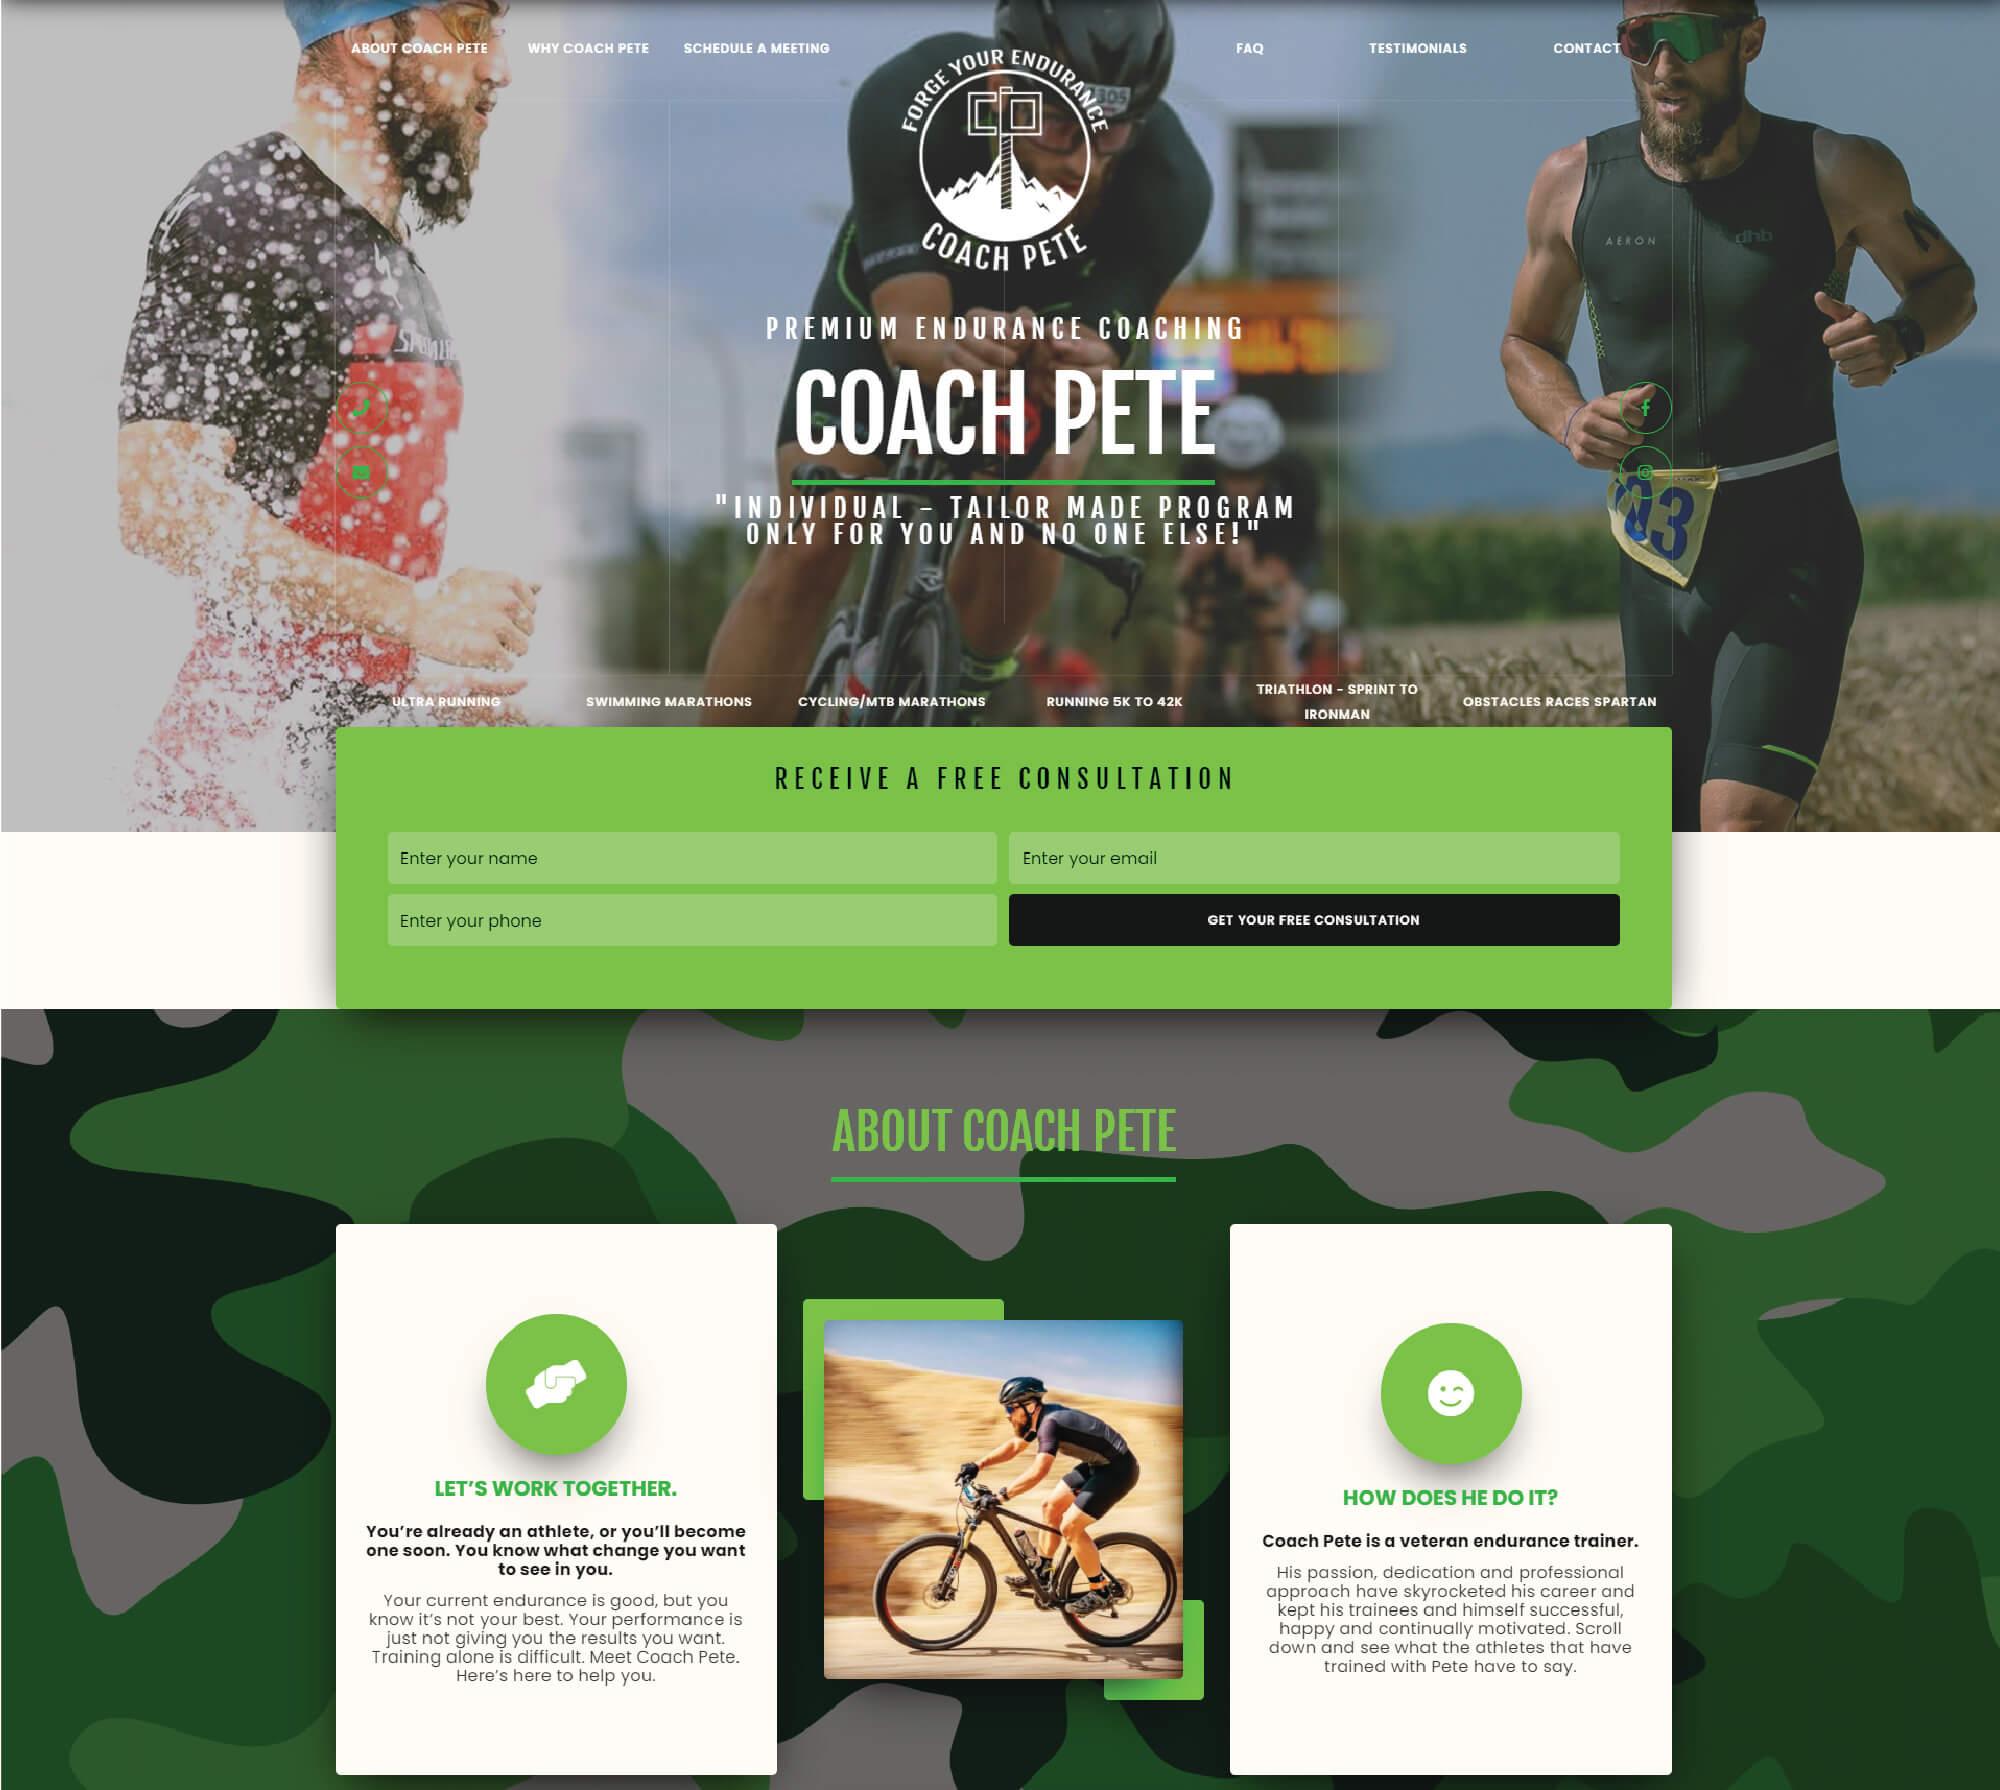 Coach Pete